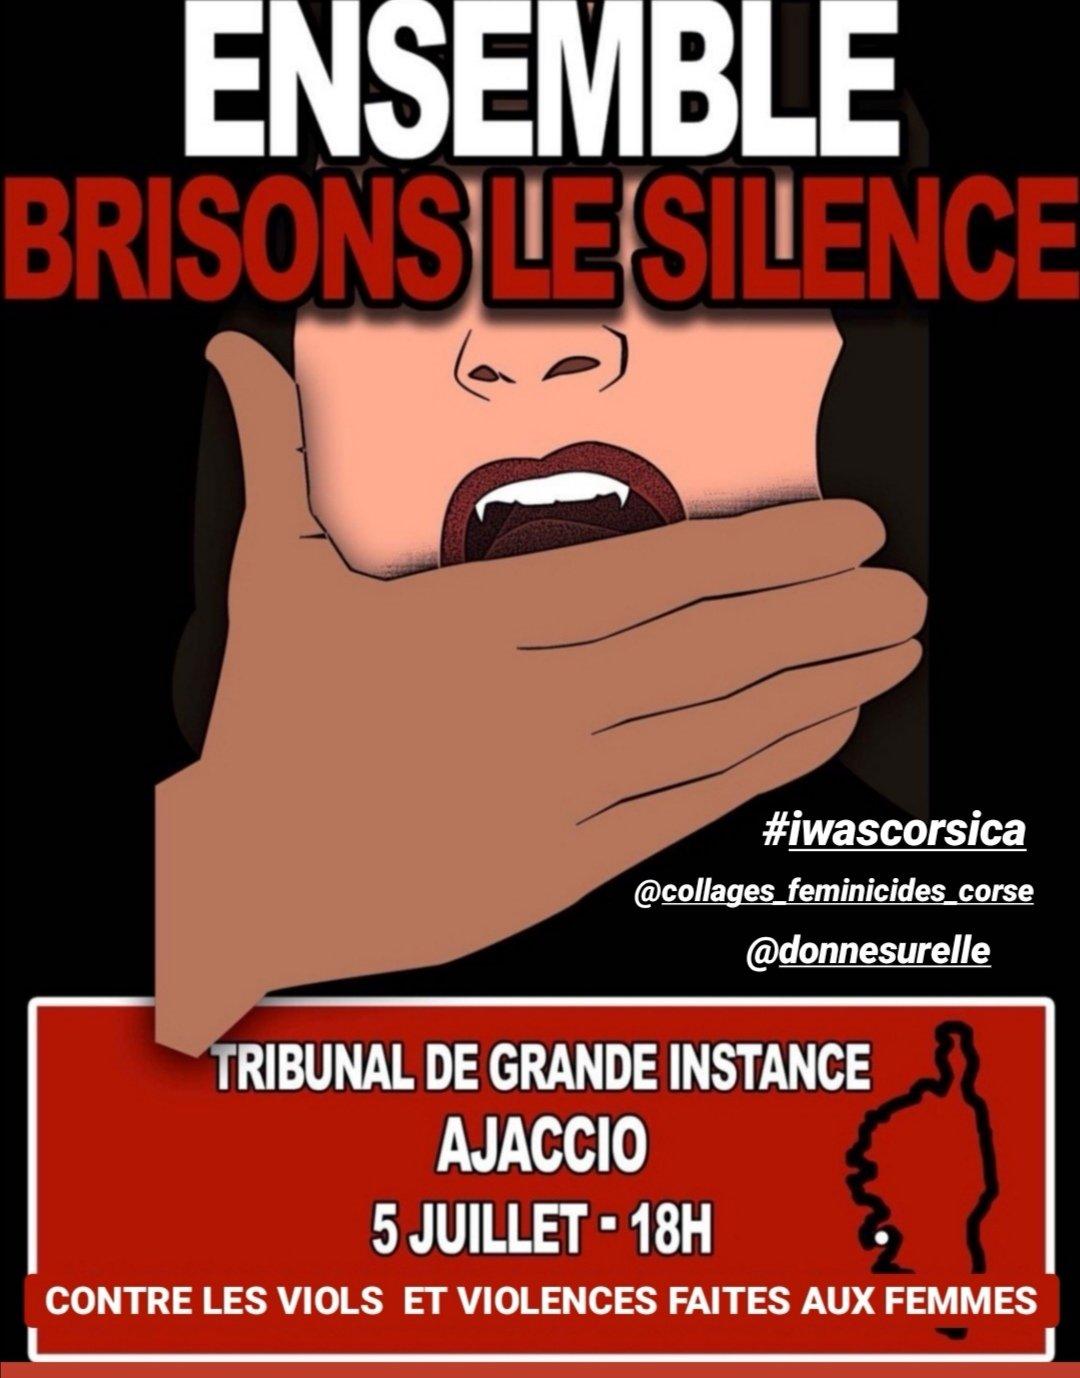 #IwasCorsica: Après Bastia c'est Ajaccio qui ce dimanche se mobilise pour briser le silence